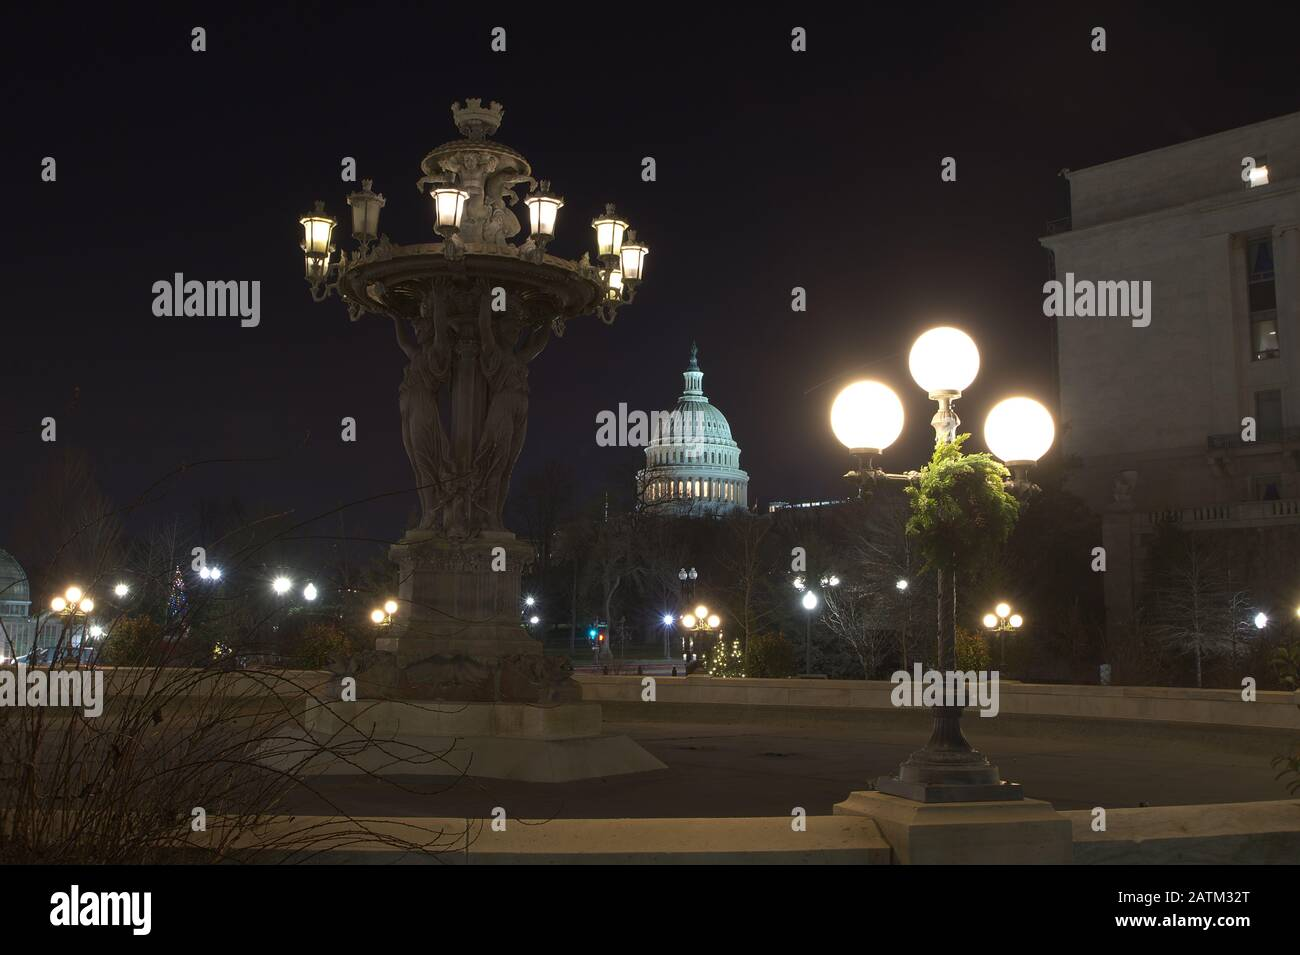 Americana Convening of the Senate Lamp